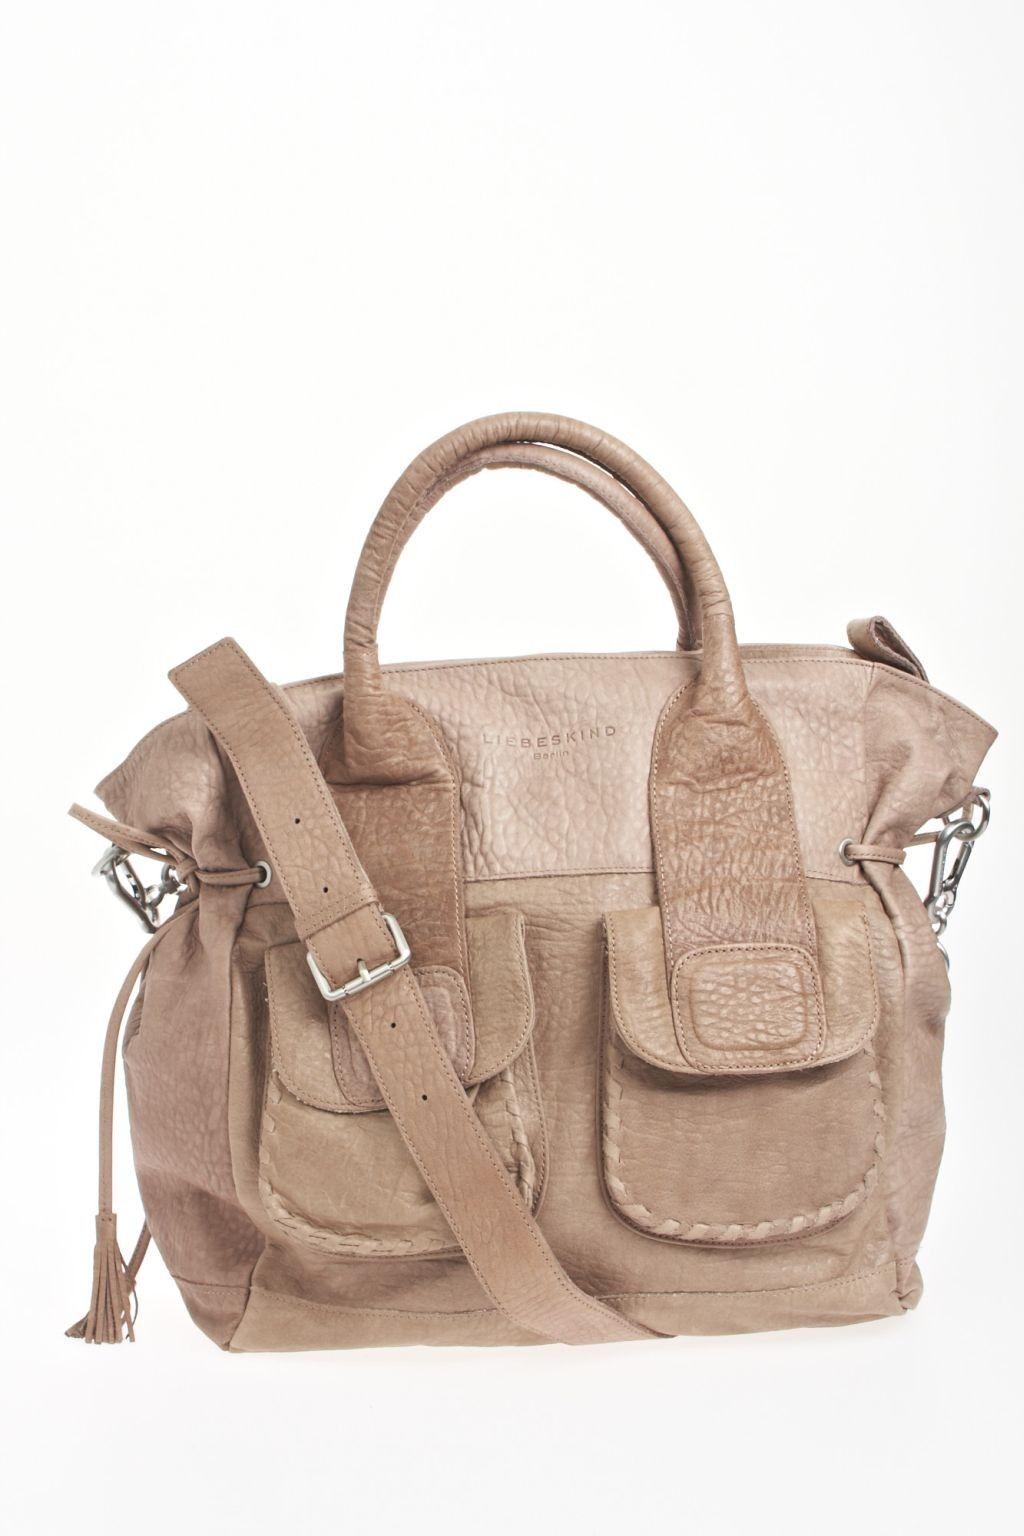 2019 rabatt verkauf 100% authentifiziert außergewöhnliche Farbpalette Liebeskind - Berlin Tasche Model: KAYA BUBBLE NUBUCK | eBay ...